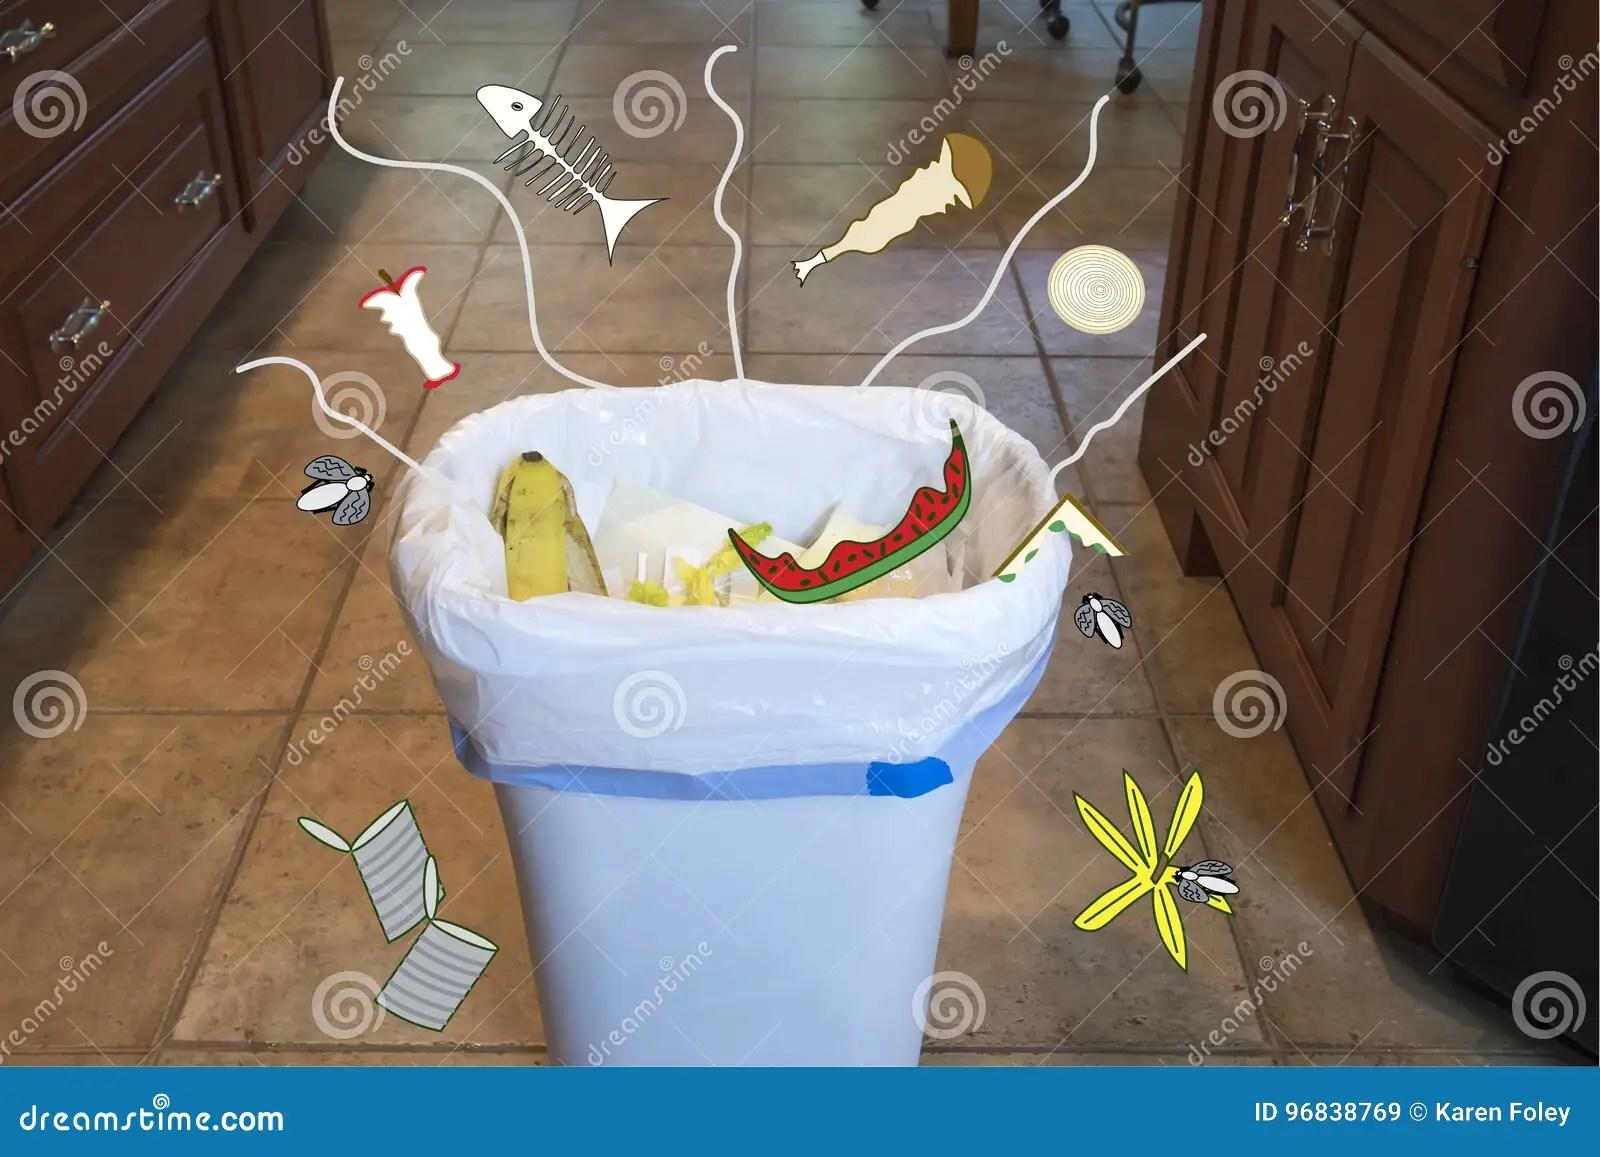 kitchen trash best hoods 在厨房垃圾箱的气味库存图片 图片包括有飞行 食物 气味 说明 西瓜 厨房与被说明的飘动的垃圾箱嗅到在家里面